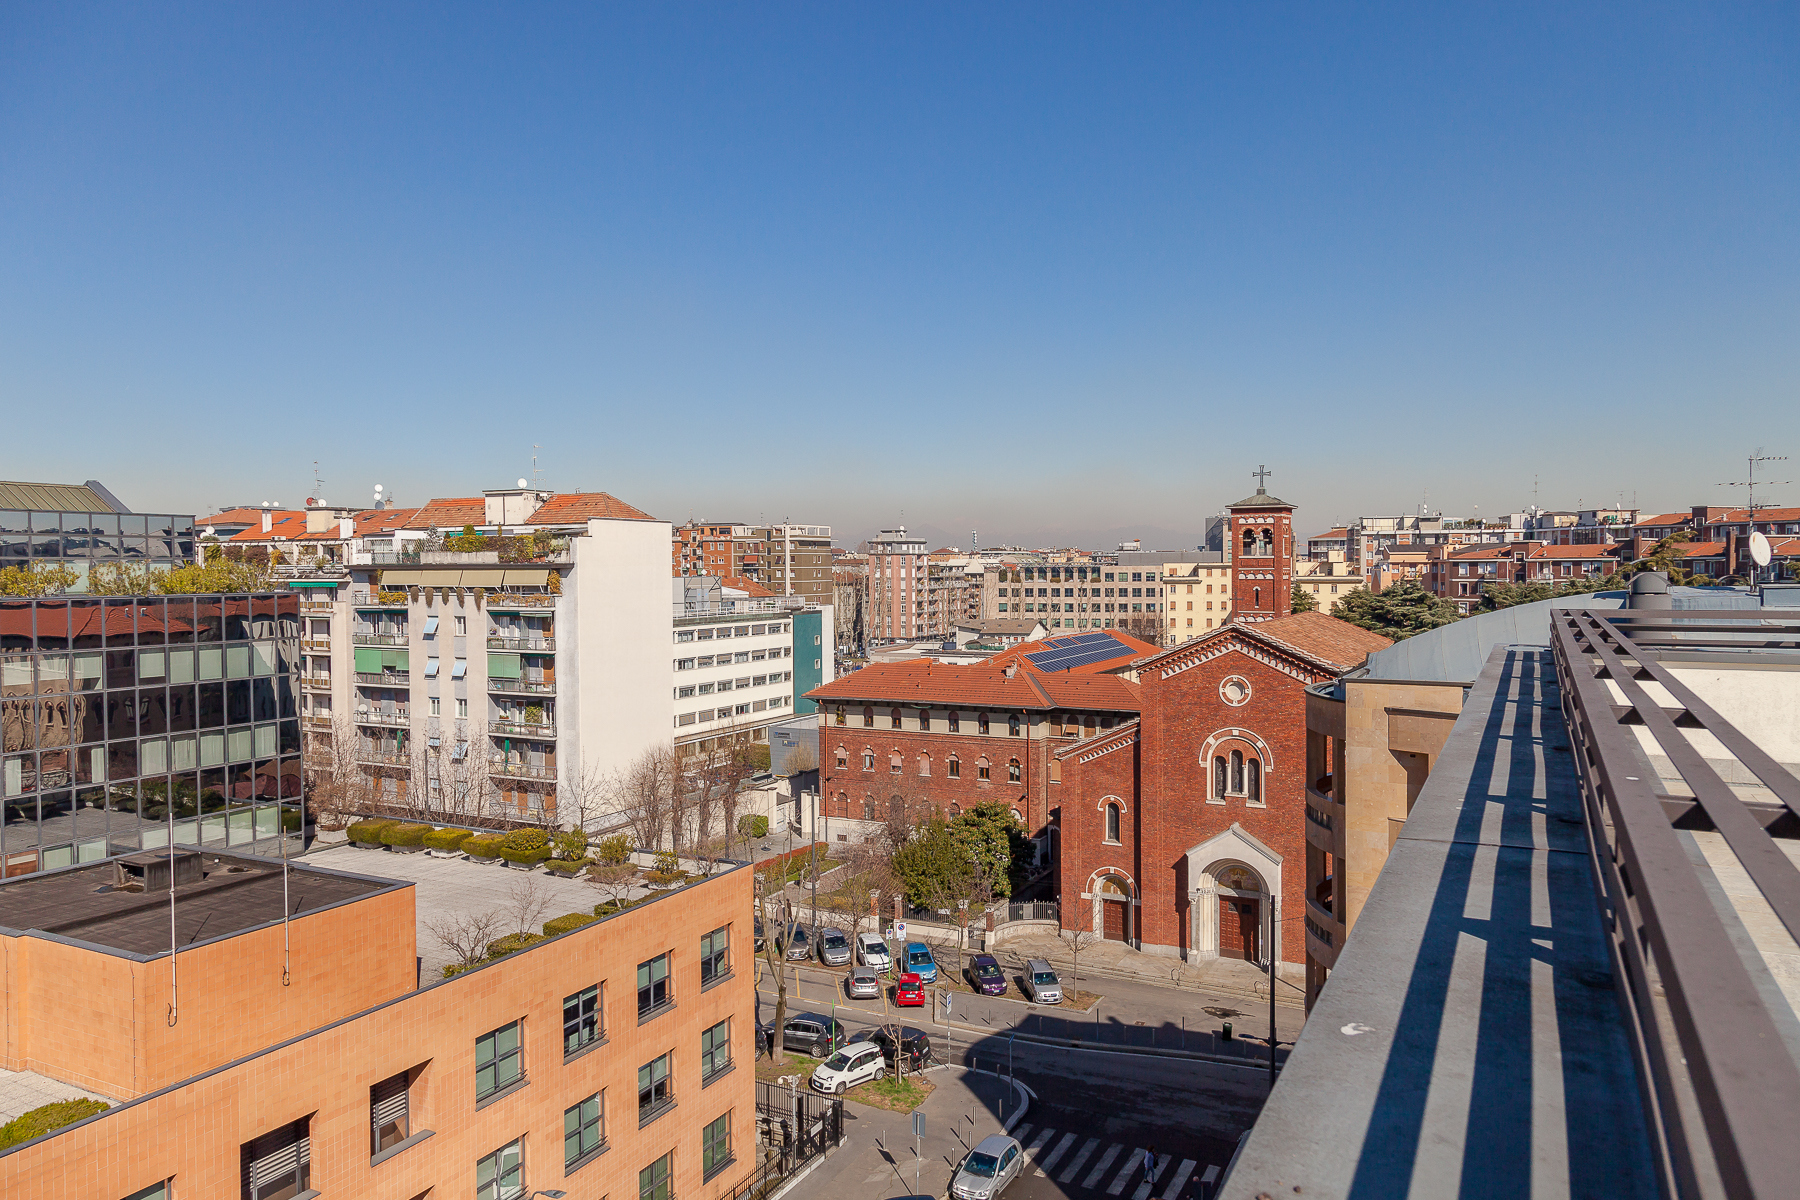 Attico in Vendita a Milano: 4 locali, 200 mq - Foto 26